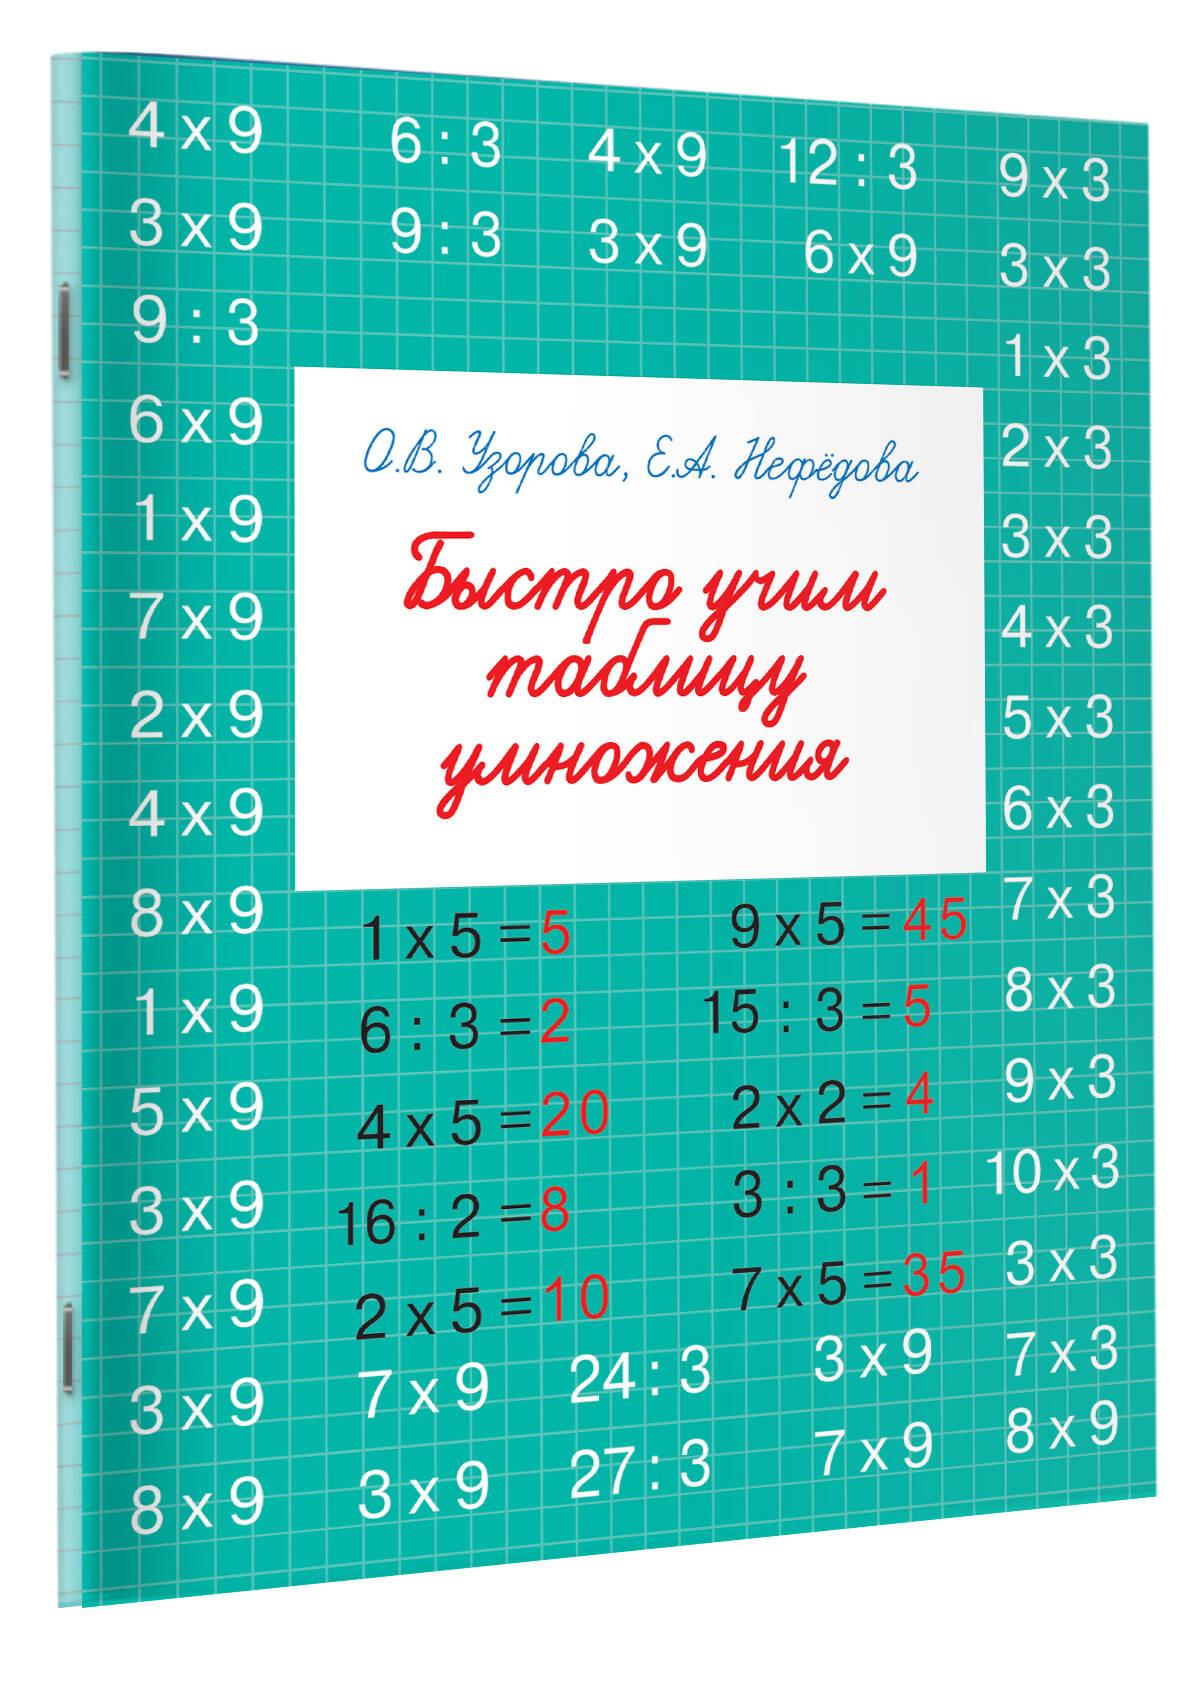 Узорова О.В. Быстро учим таблицу умножения горбачева н ред учим таблицу умножения для начальной школы